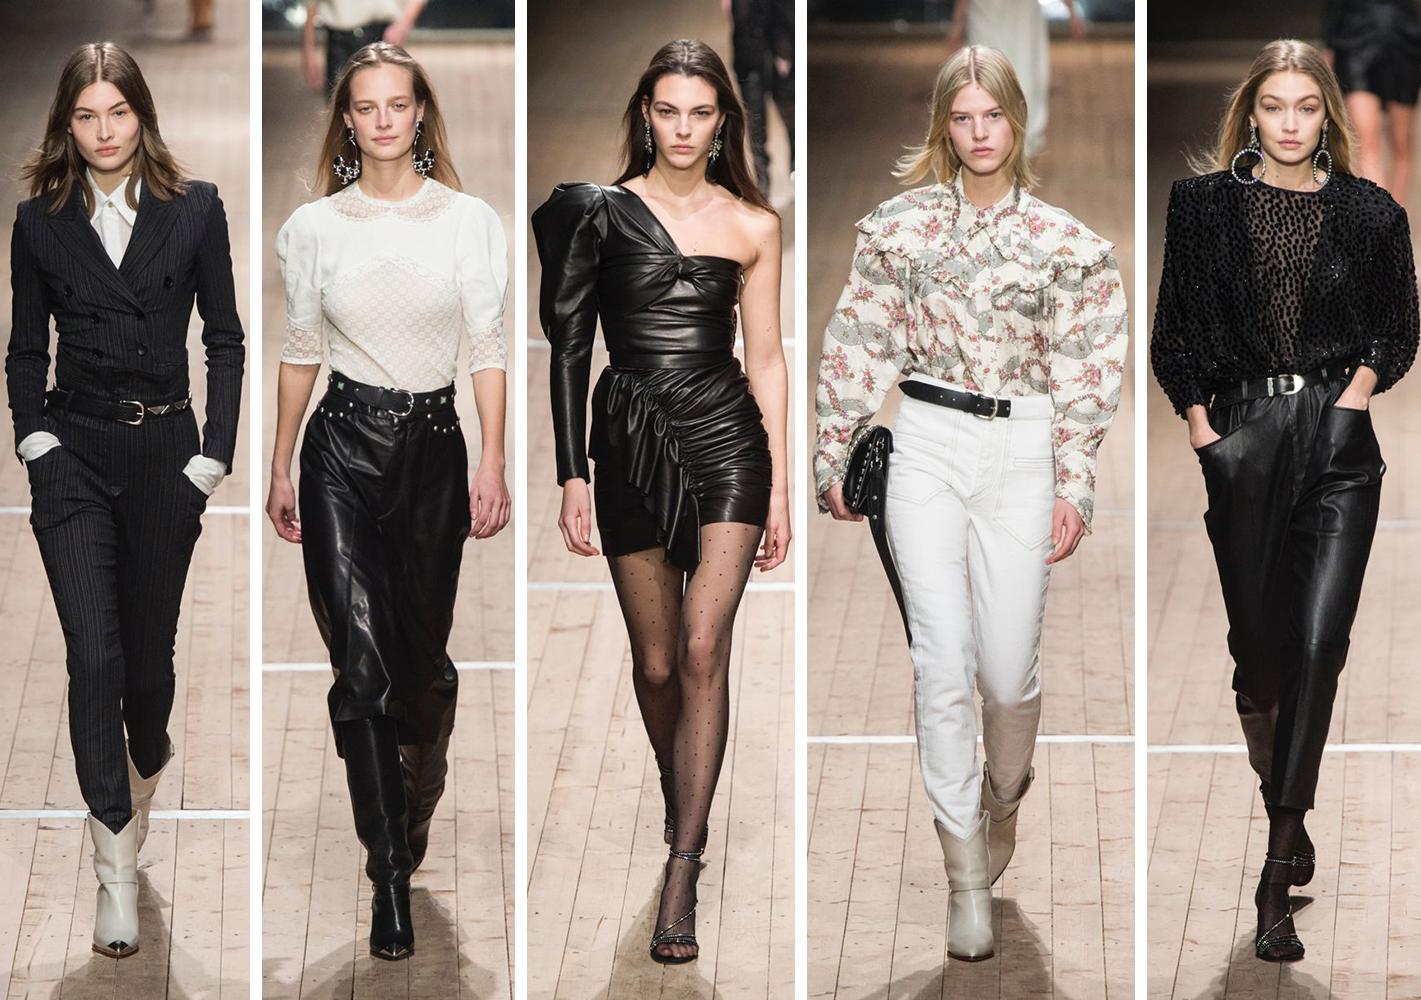 isabel_marat_parizsi_divathet_oszi-teli_ready-to-wear_kollekcio_2018.png